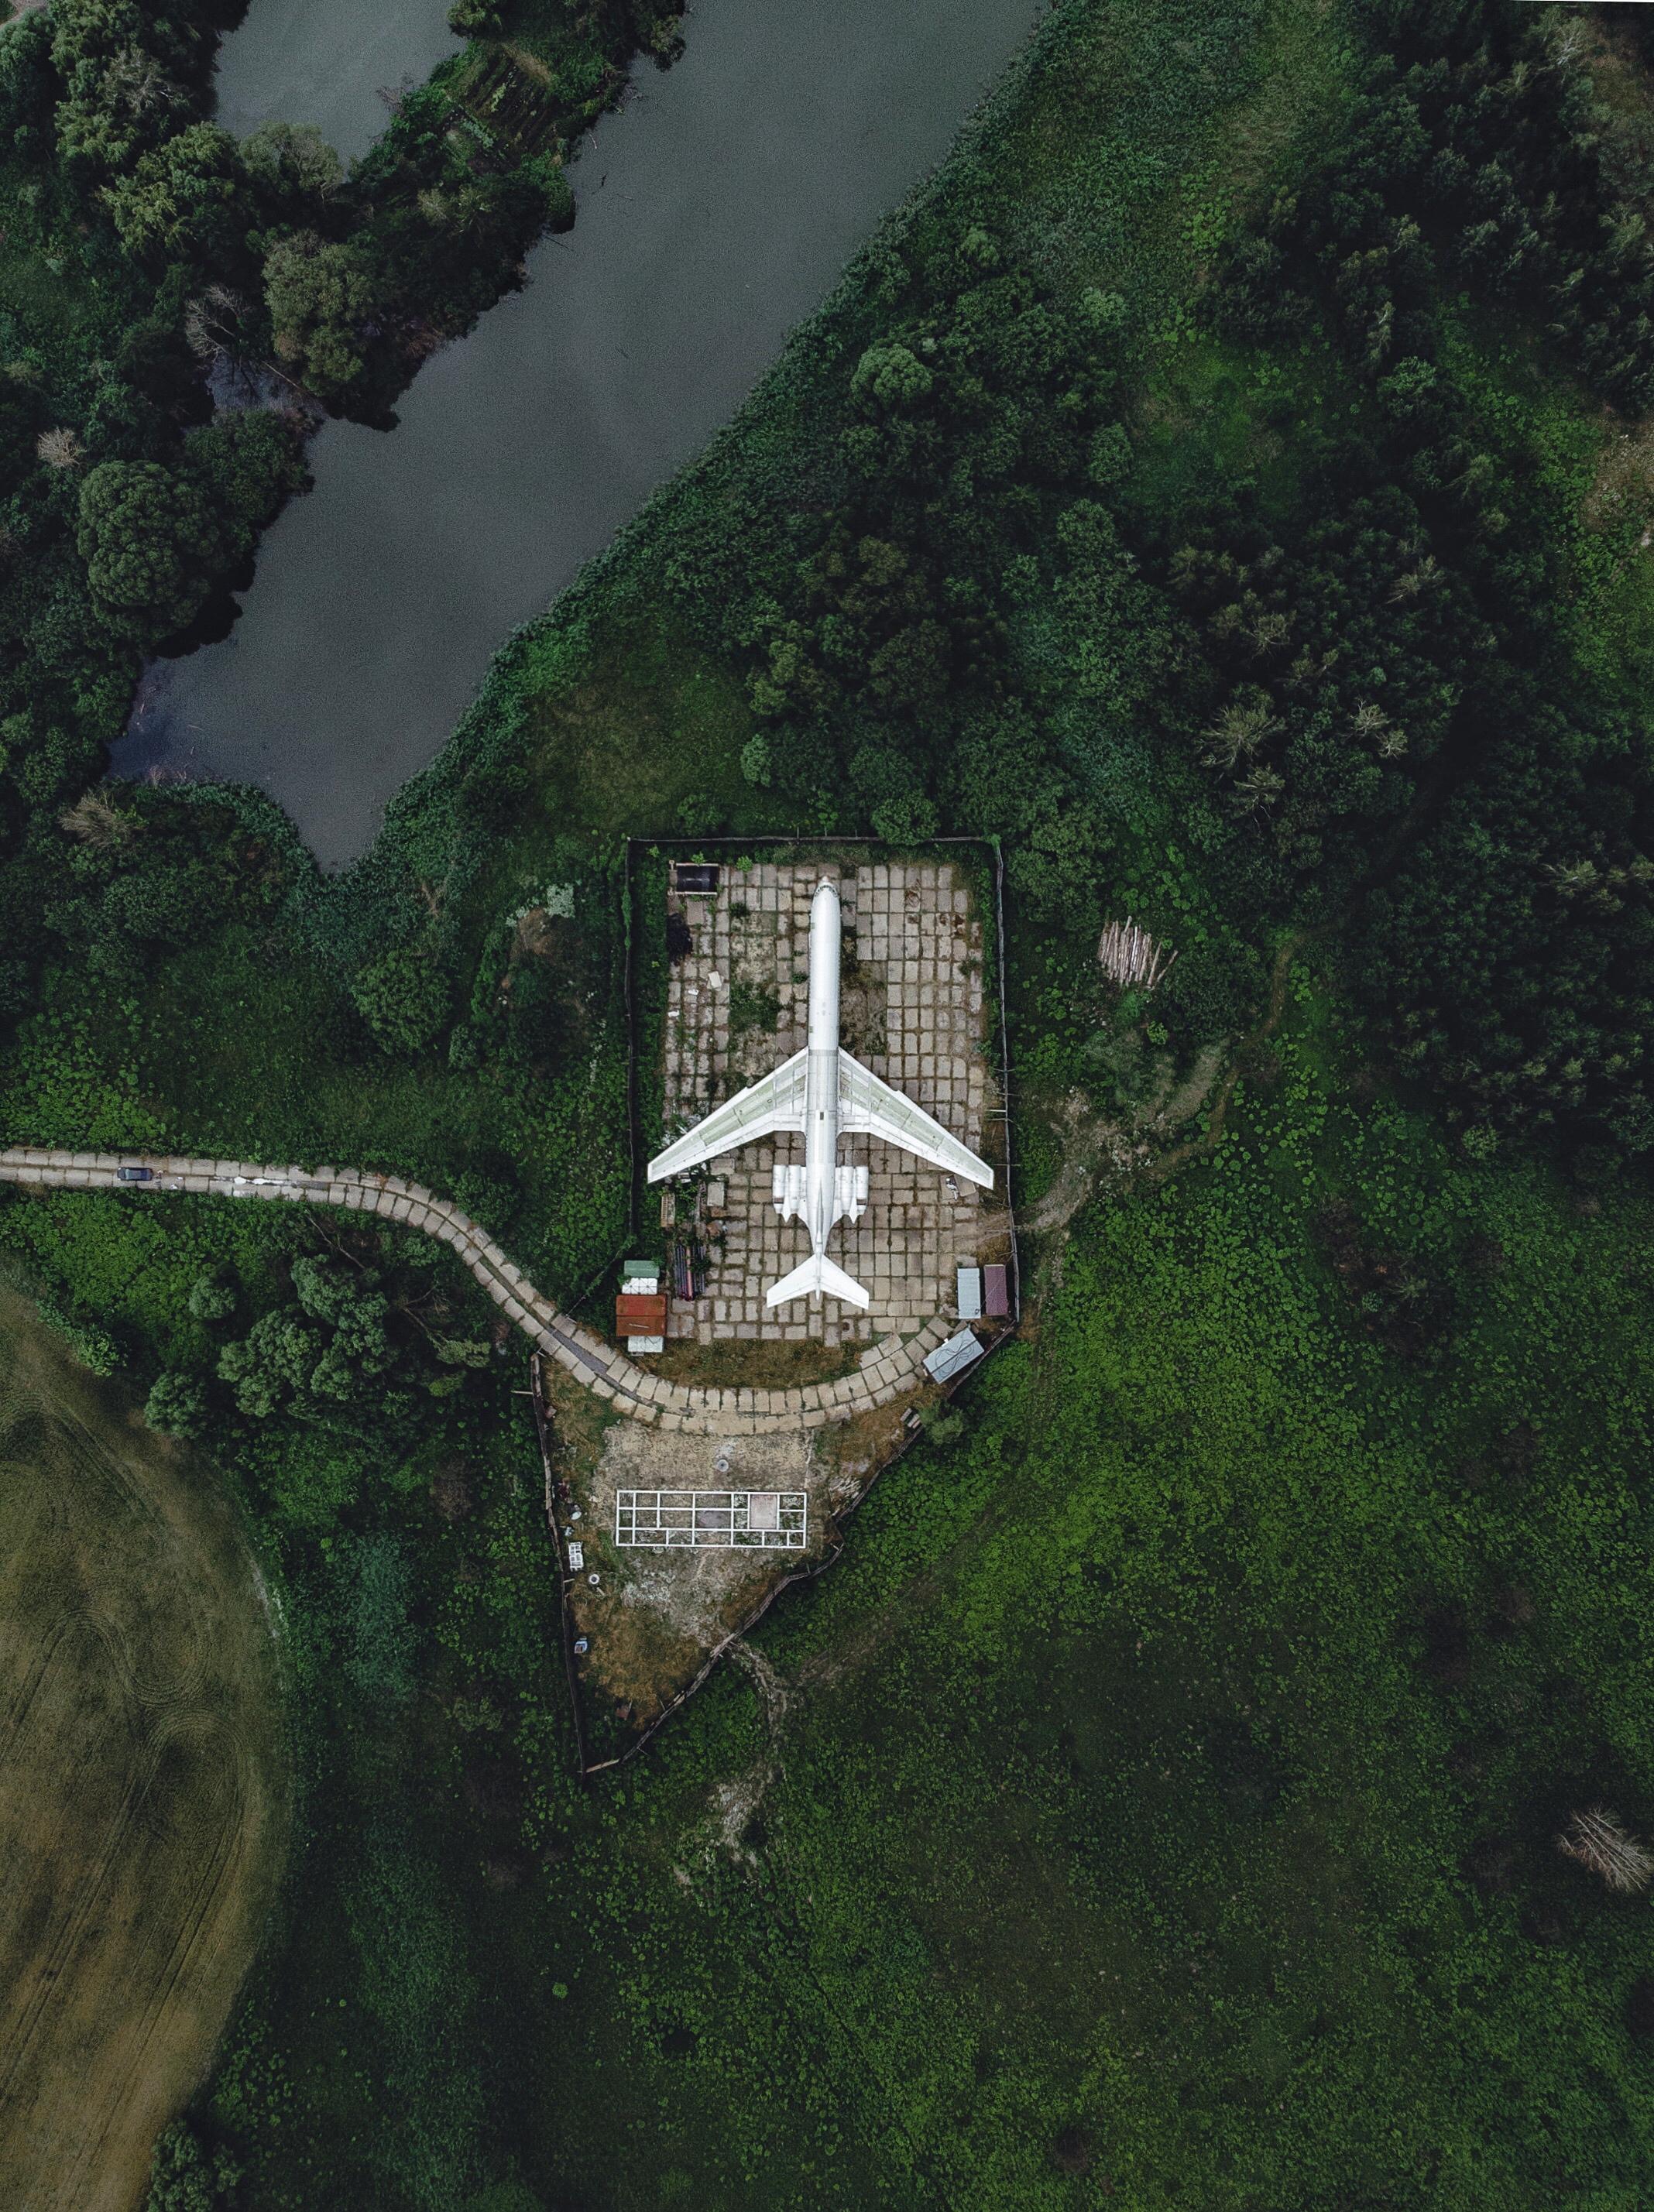 Польоти з дроном - Фото з дрона - 150$Покажемо масштаб, розмах і переспективу з висоти орлиного польоту.